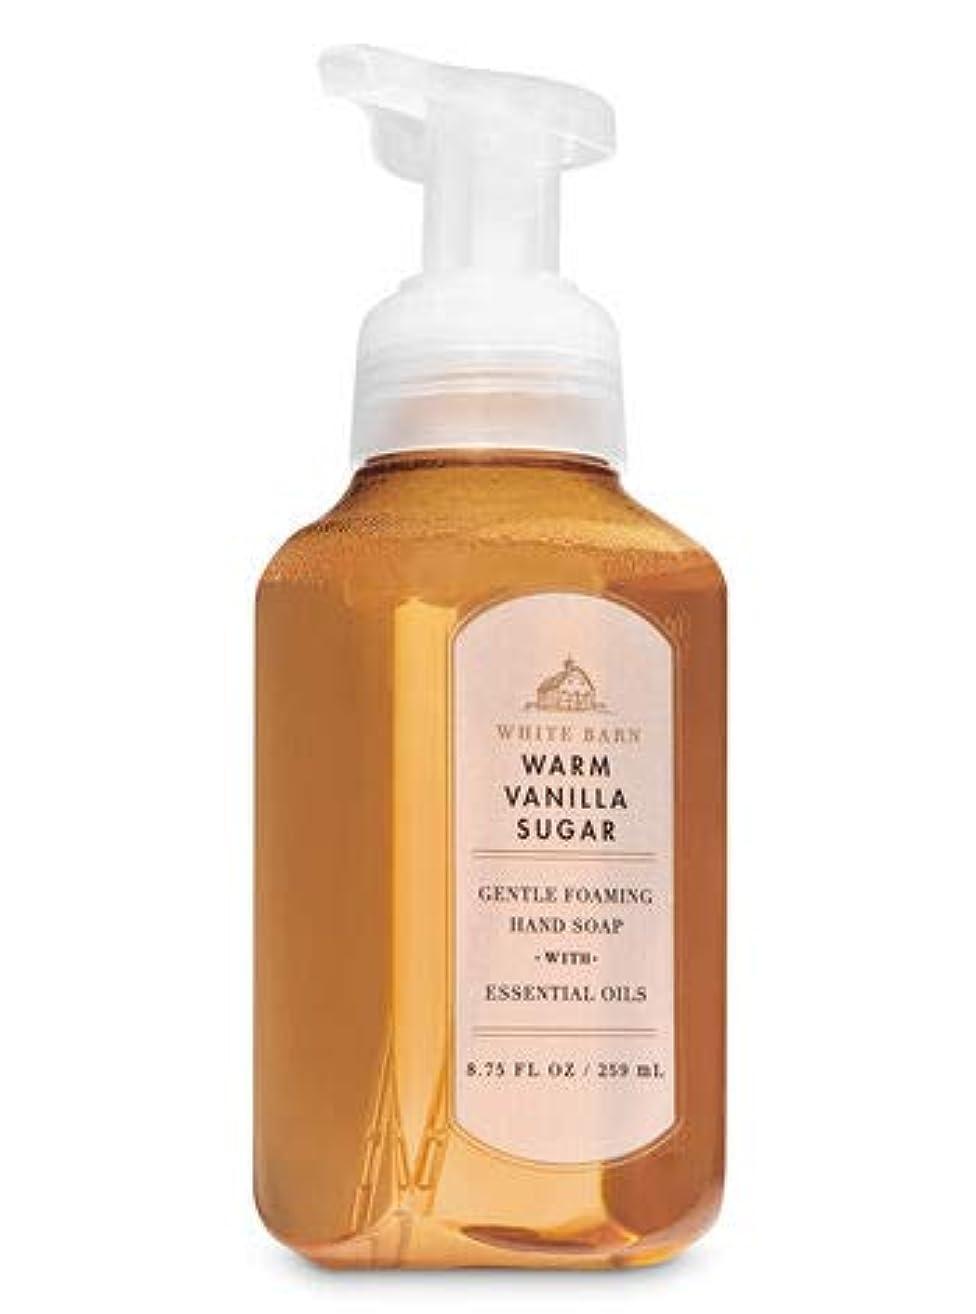 エーカー動詞オンスバス&ボディワークス ウォームバニラシュガー ジェントル フォーミング ハンドソープ Warm Vanilla Sugar Gentle Foaming Hand Soap [並行輸入品]